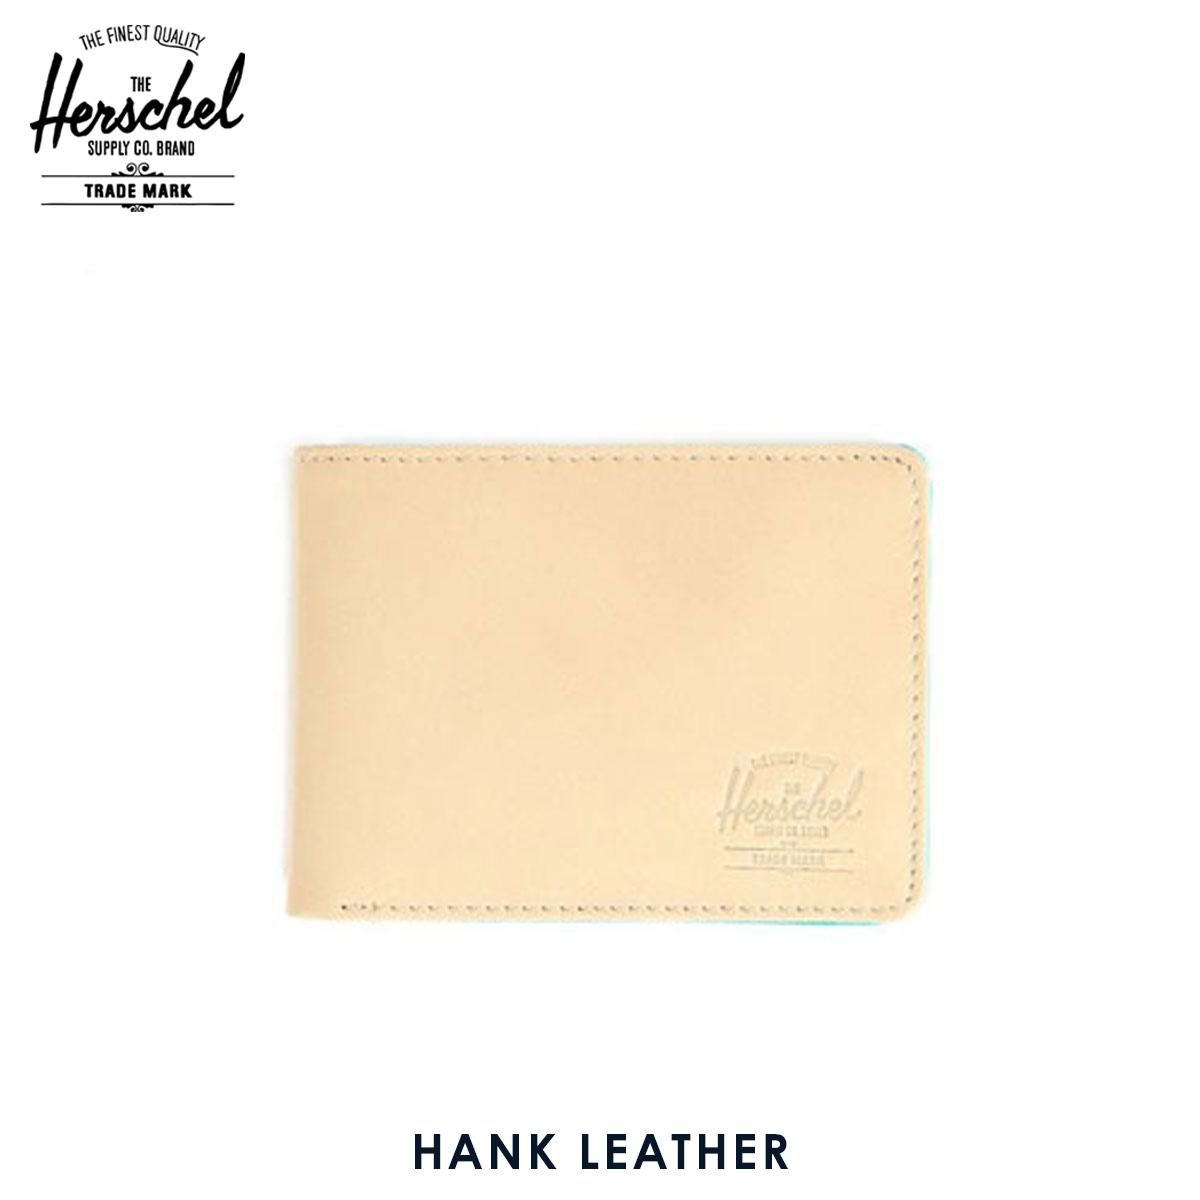 【販売期間 6/4 10:00~6/11 09:59】 ハーシェル サプライ Herschel Supply 正規販売店 10049-00038-OS Hank Leather Natural Nu 父の日